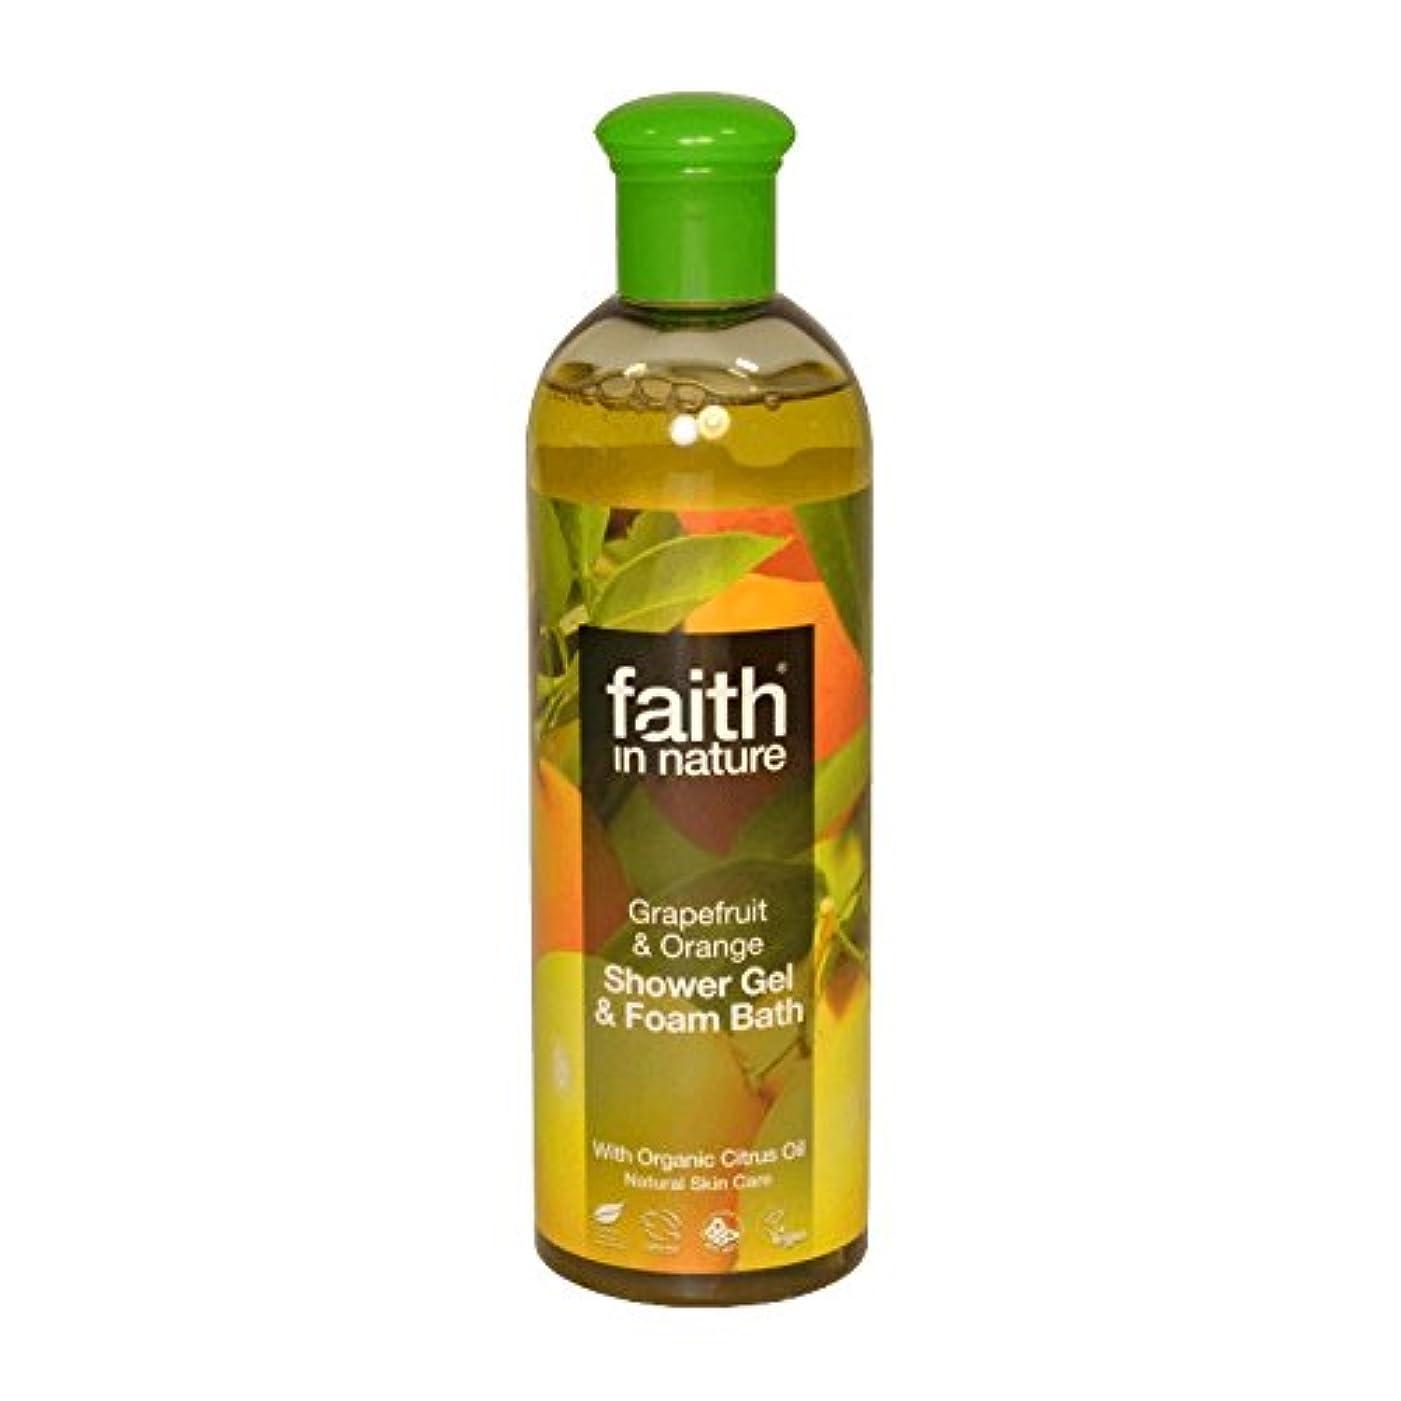 鉄道テナント増幅器自然グレープフルーツ&オレンジシャワージェル&バス泡400ミリリットルの信仰 - Faith in Nature Grapefruit & Orange Shower Gel & Bath Foam 400ml (Faith...